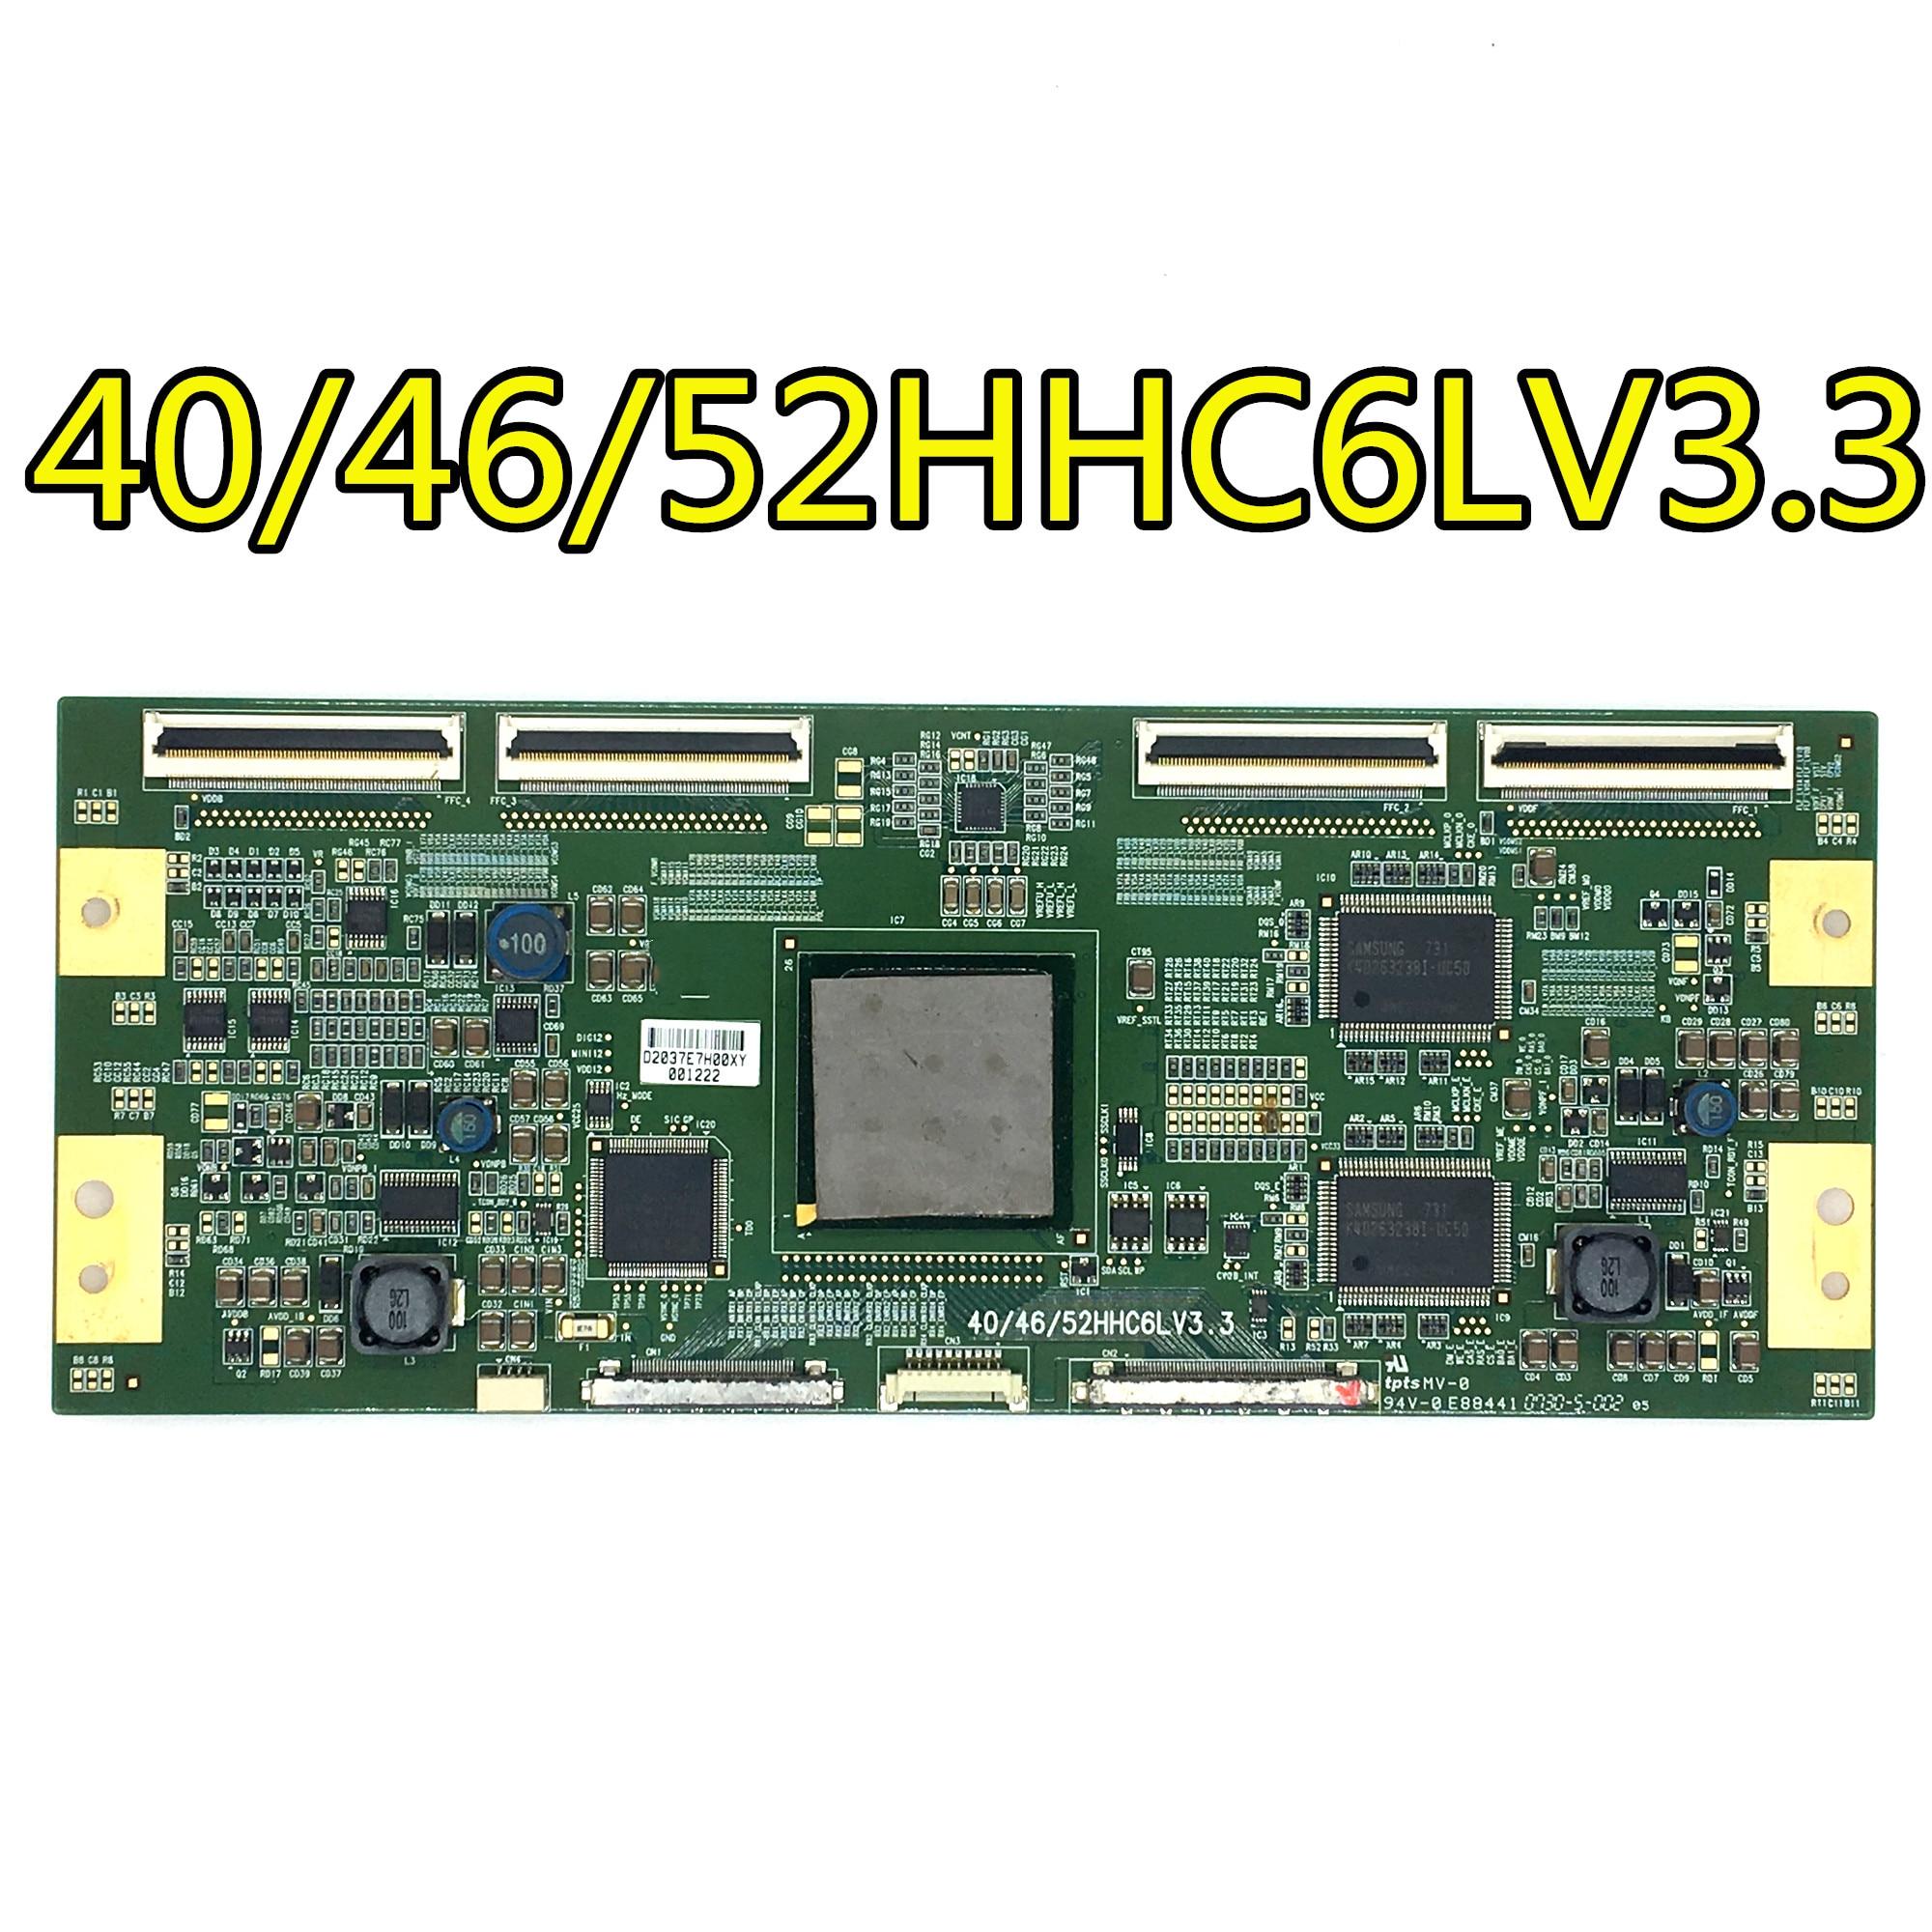 Оригинальный 100% тест для samgsung 40/46/52HHC6LV3.3 404652hc6lv3.3 логическая плата